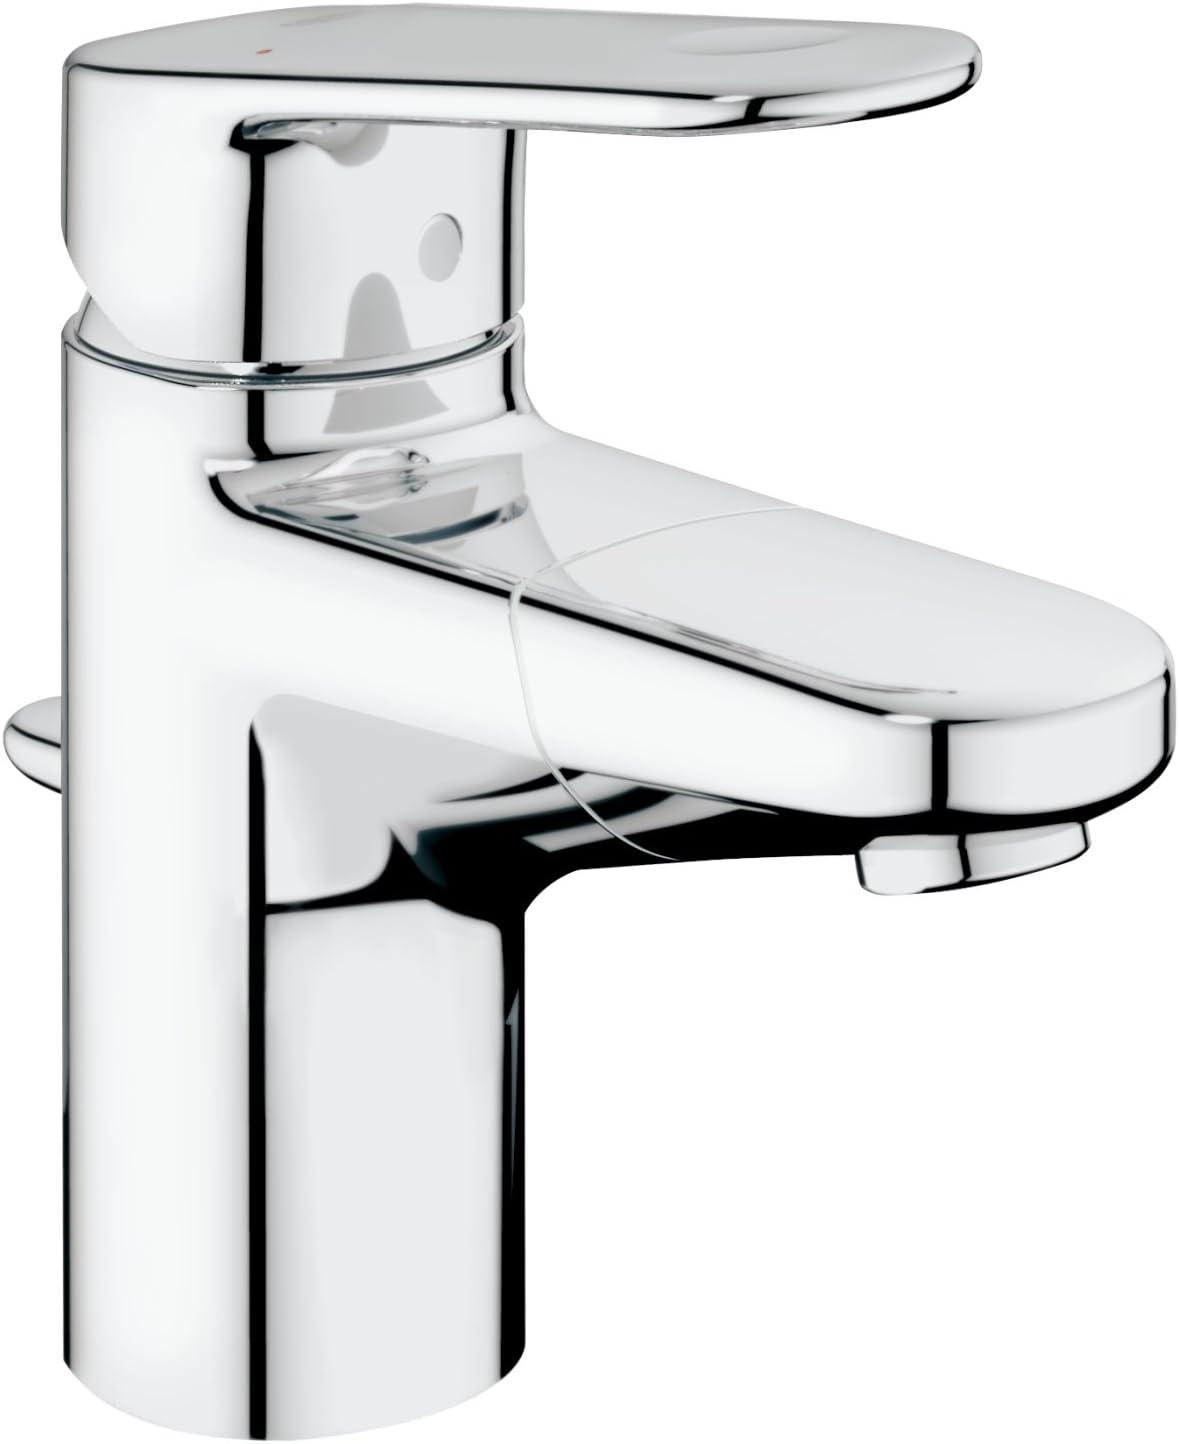 GROHE Europlus  Badarmatur - Einhand-Waschtischbatterie, S-Size,  herausziehbarer Auslauf  chrom  10